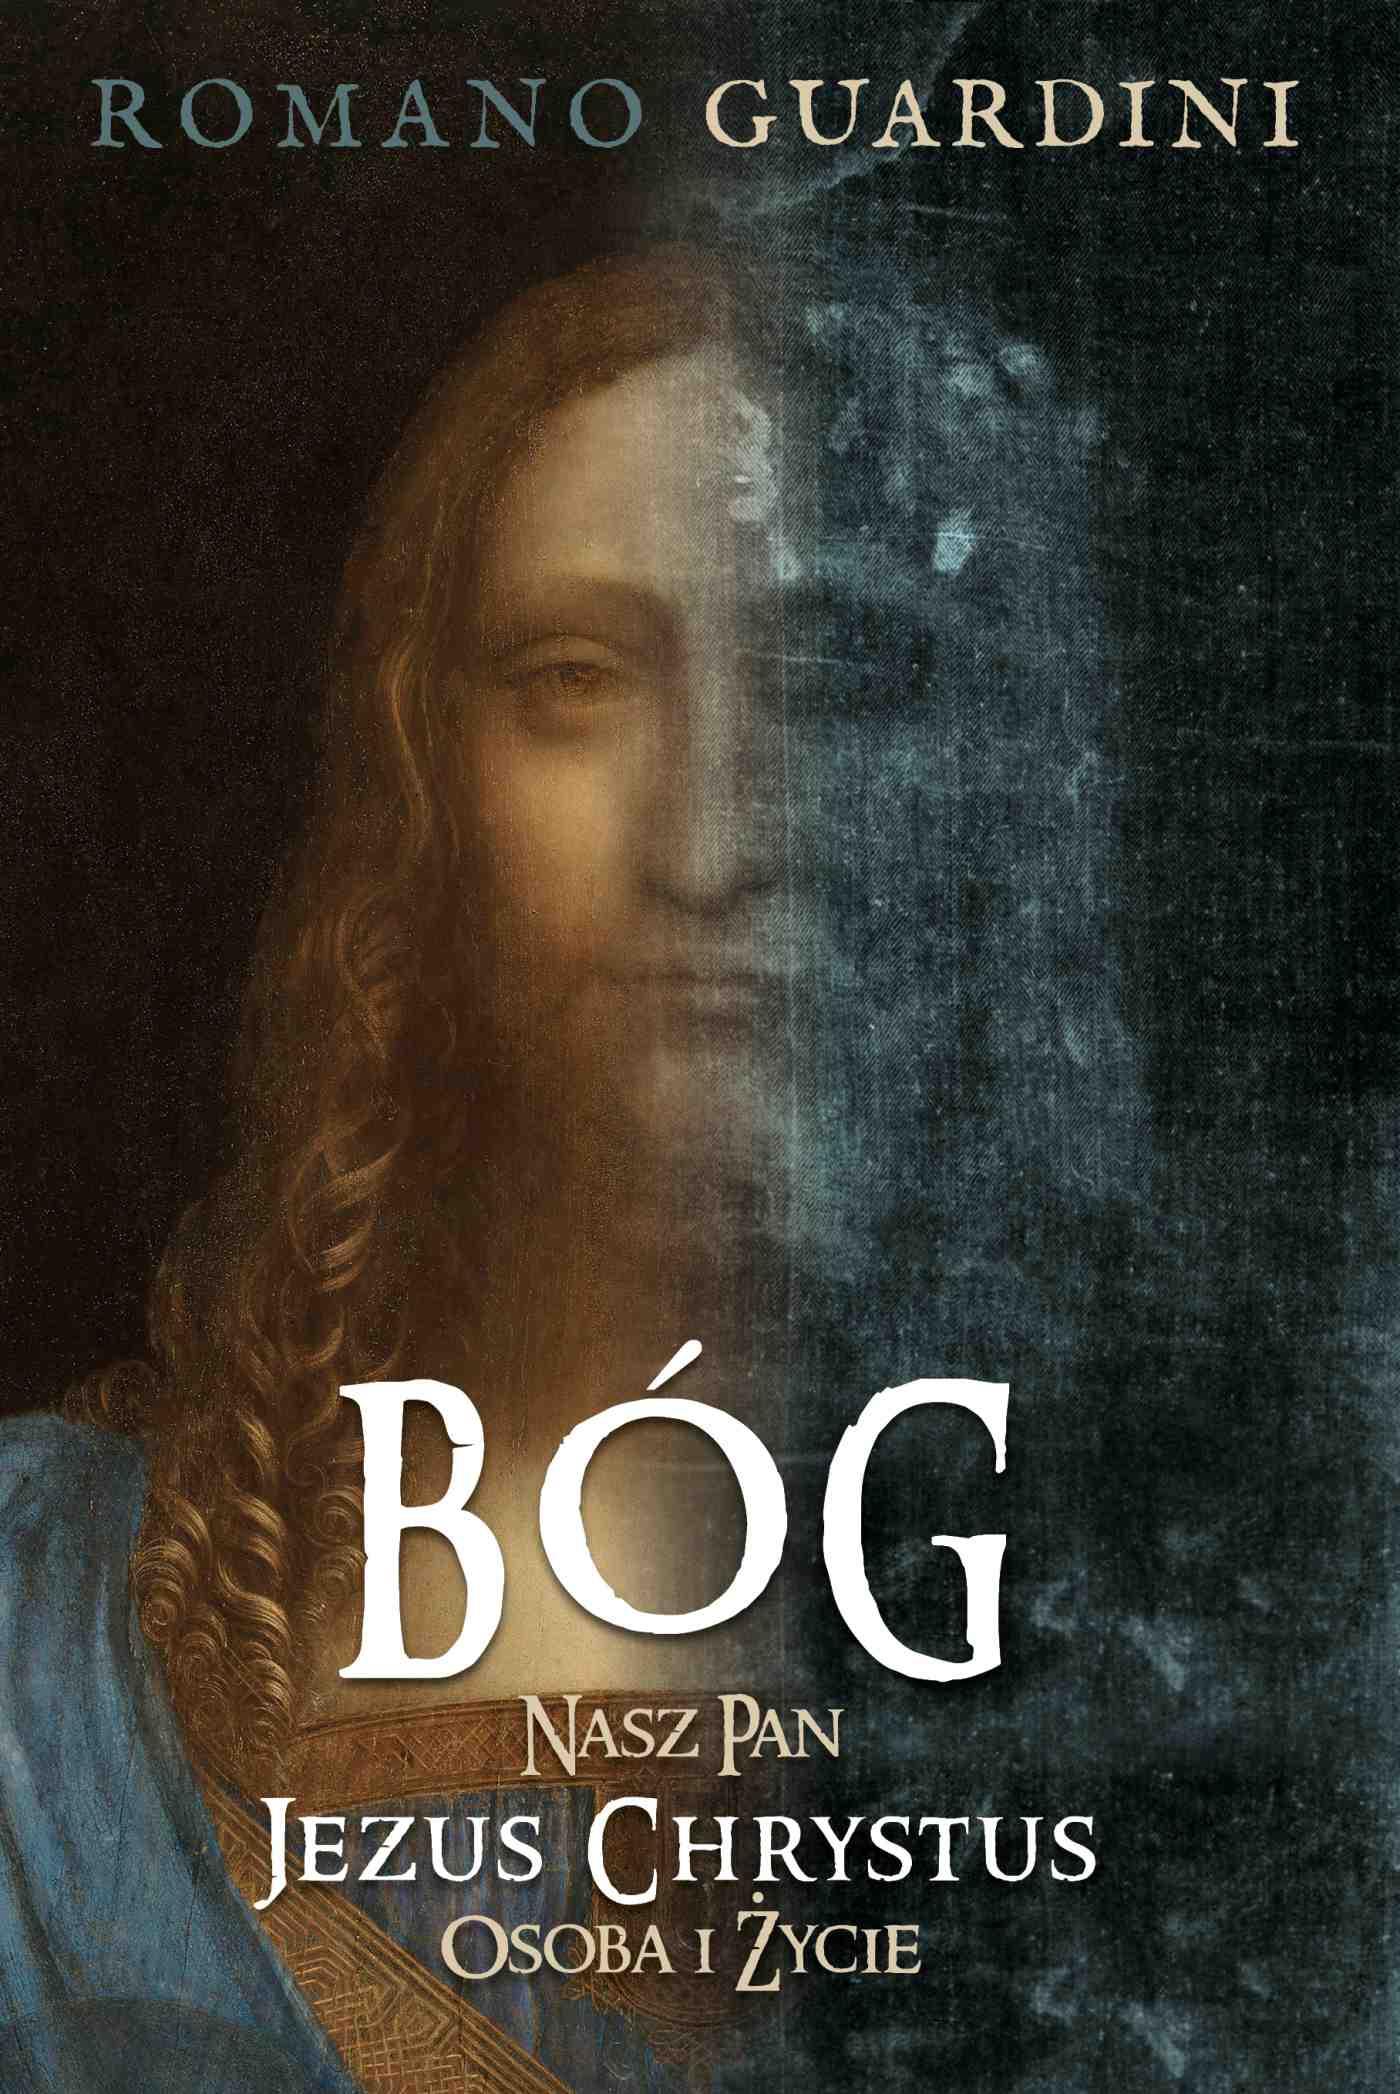 Bóg. Nasz Pan Jezus Chrystus osoba i życie - Ebook (Książka EPUB) do pobrania w formacie EPUB